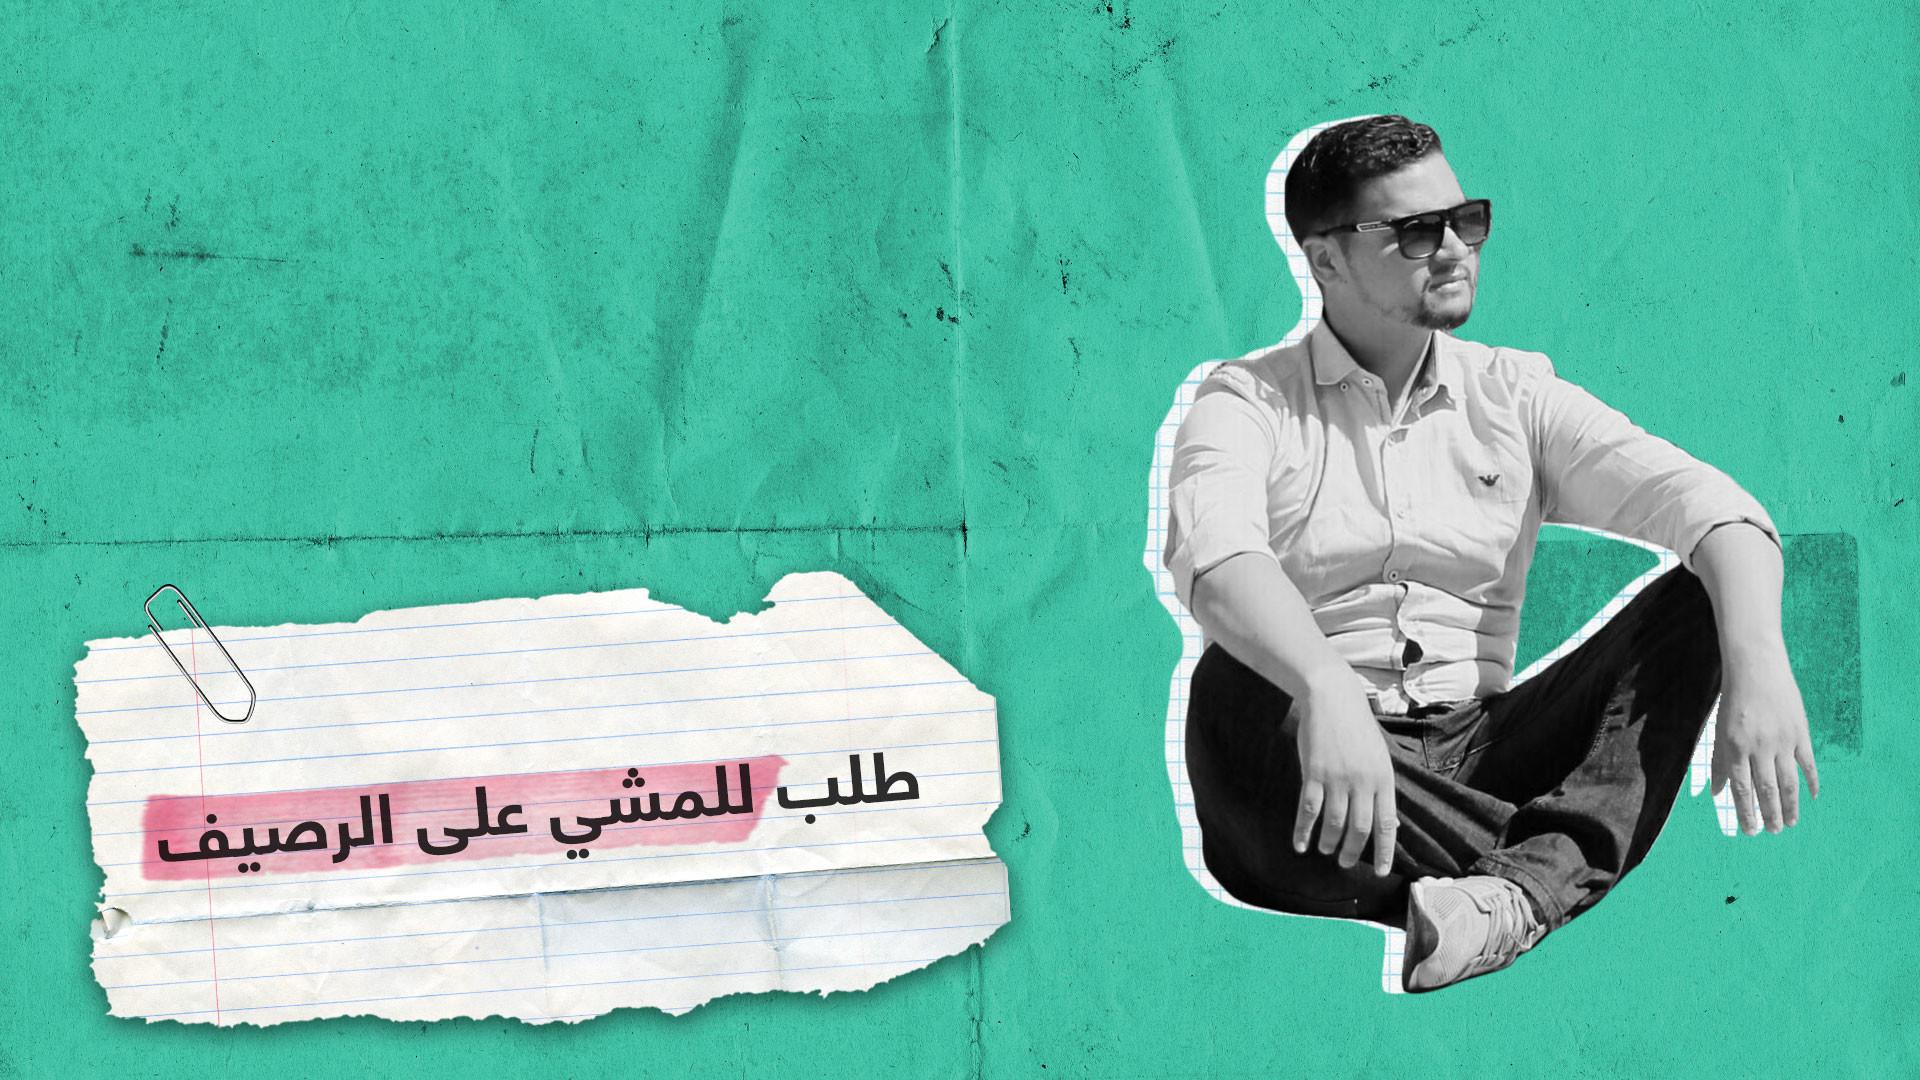 مواطن مغربي يطلب ترخيصا من السلطات للمشي على الرصيف!